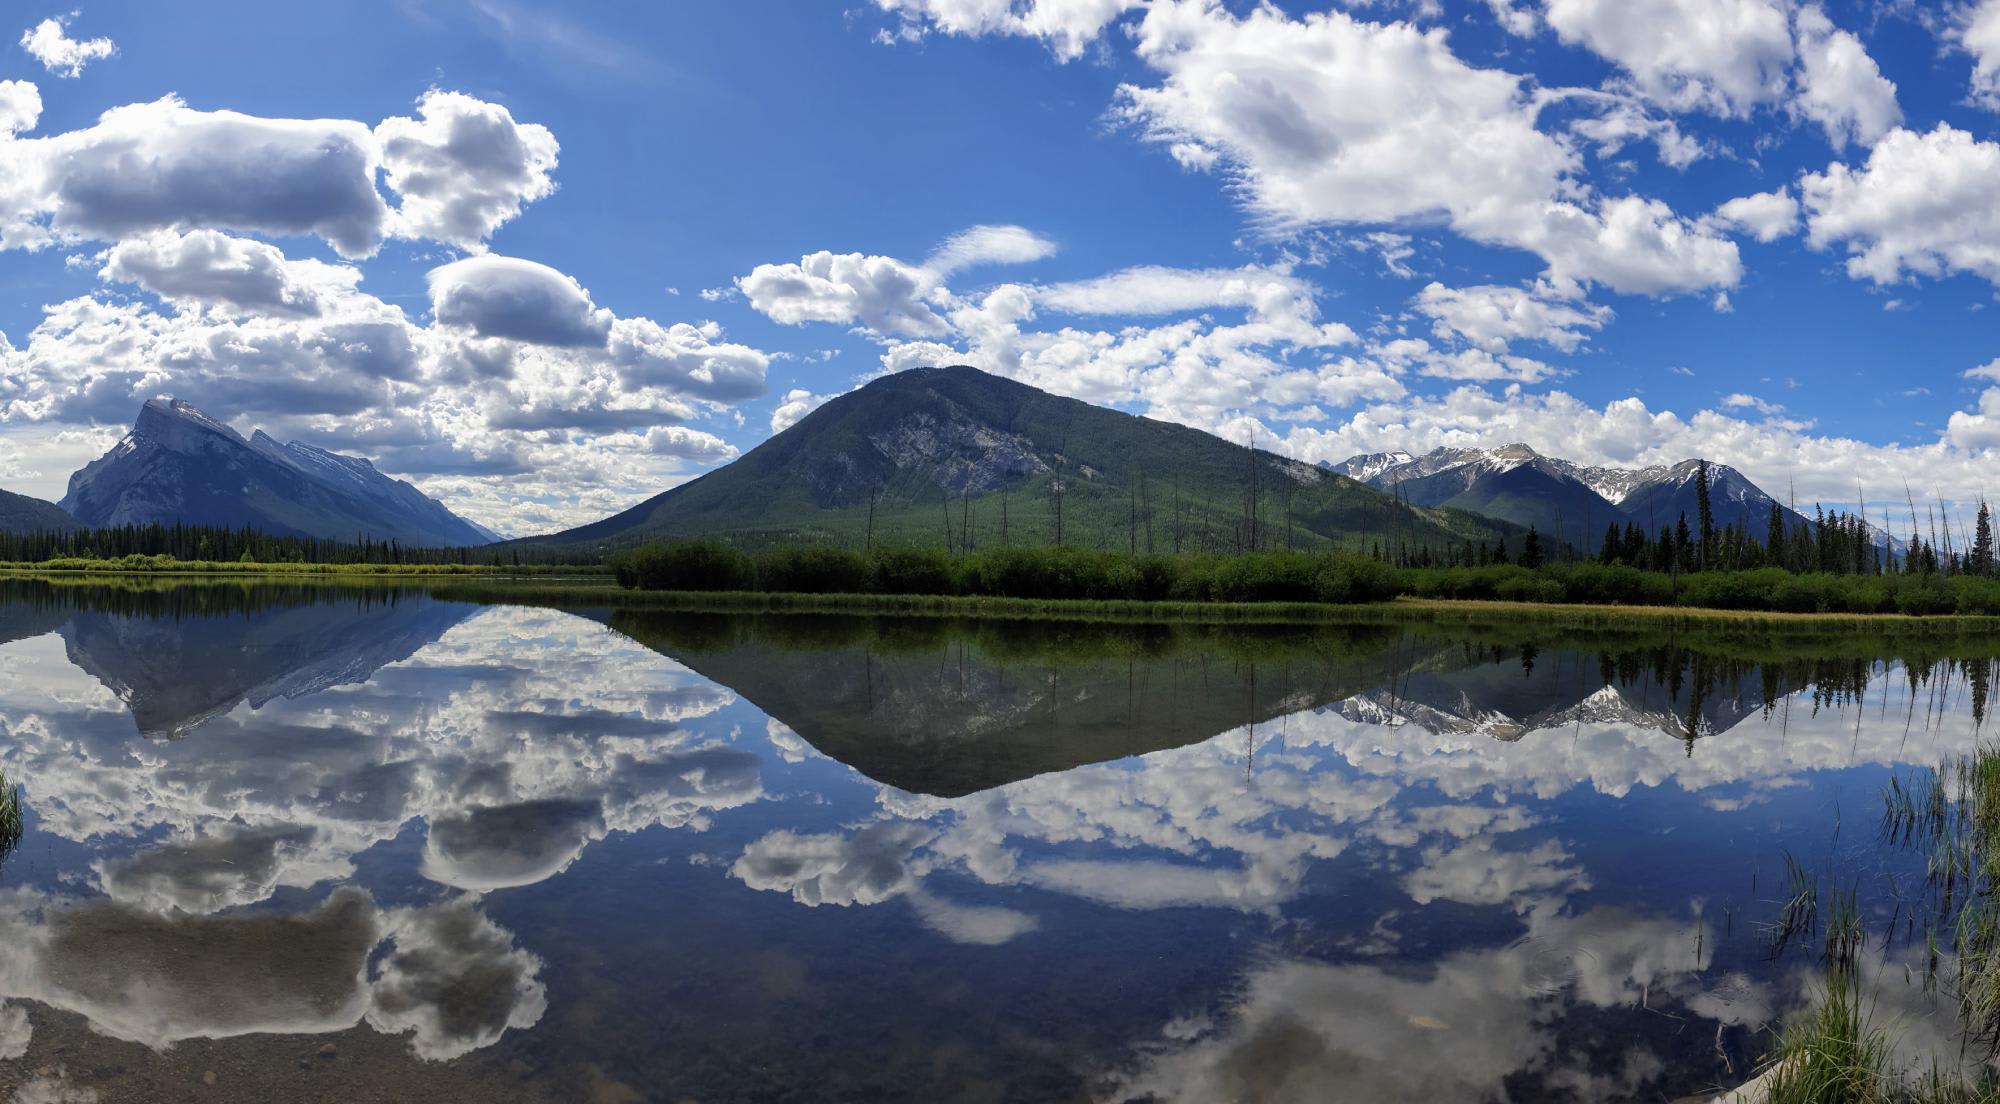 הפארק הלאומי באנף והרי הרוקי הקנדיים, אלברטה, קנדה